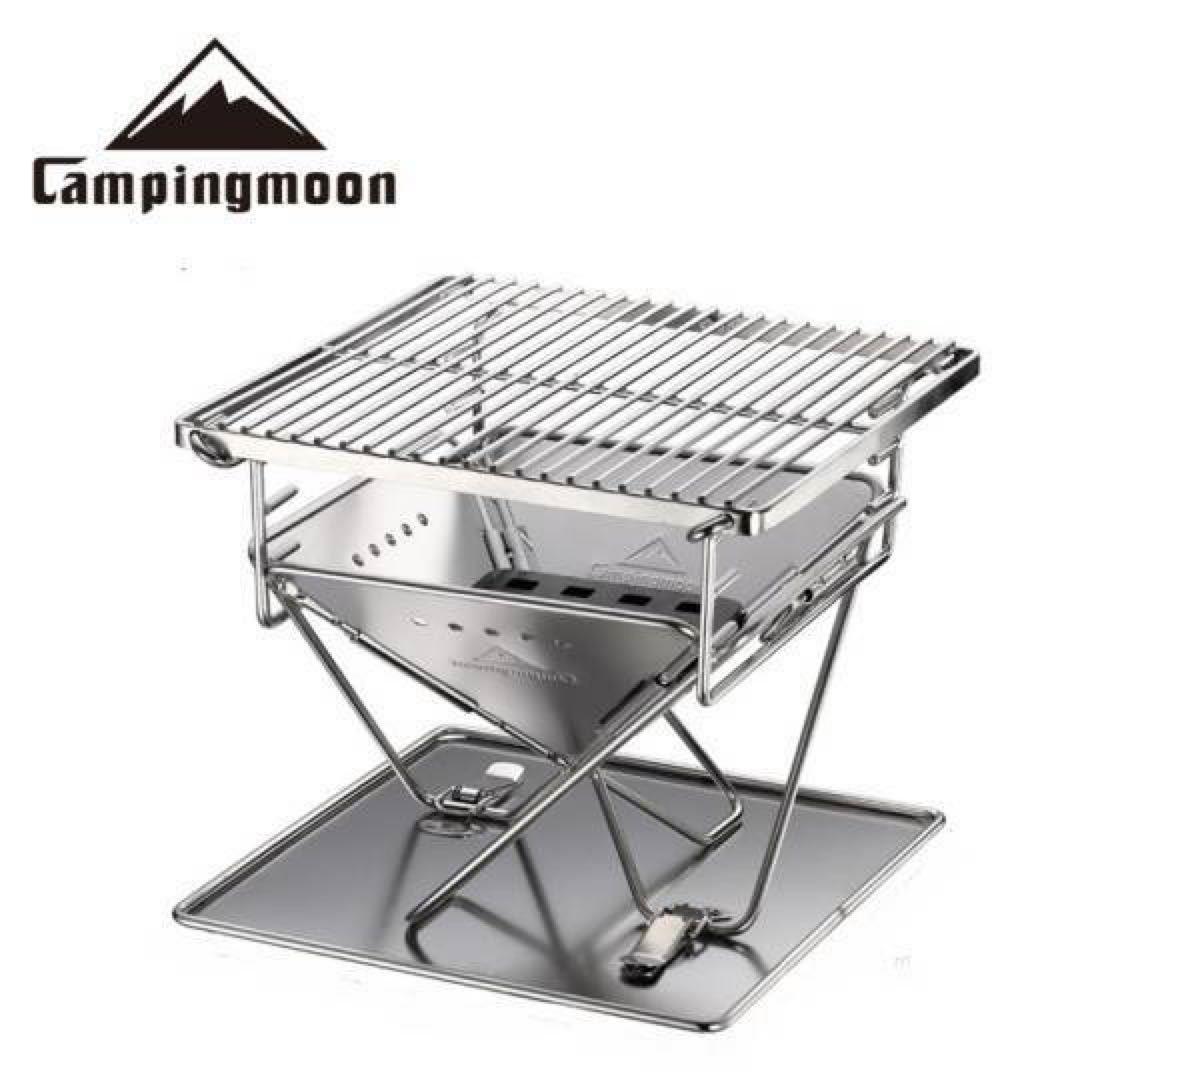 ★camping moon★XS 焚き火台  BBQグリル 収納ケース付送料無料